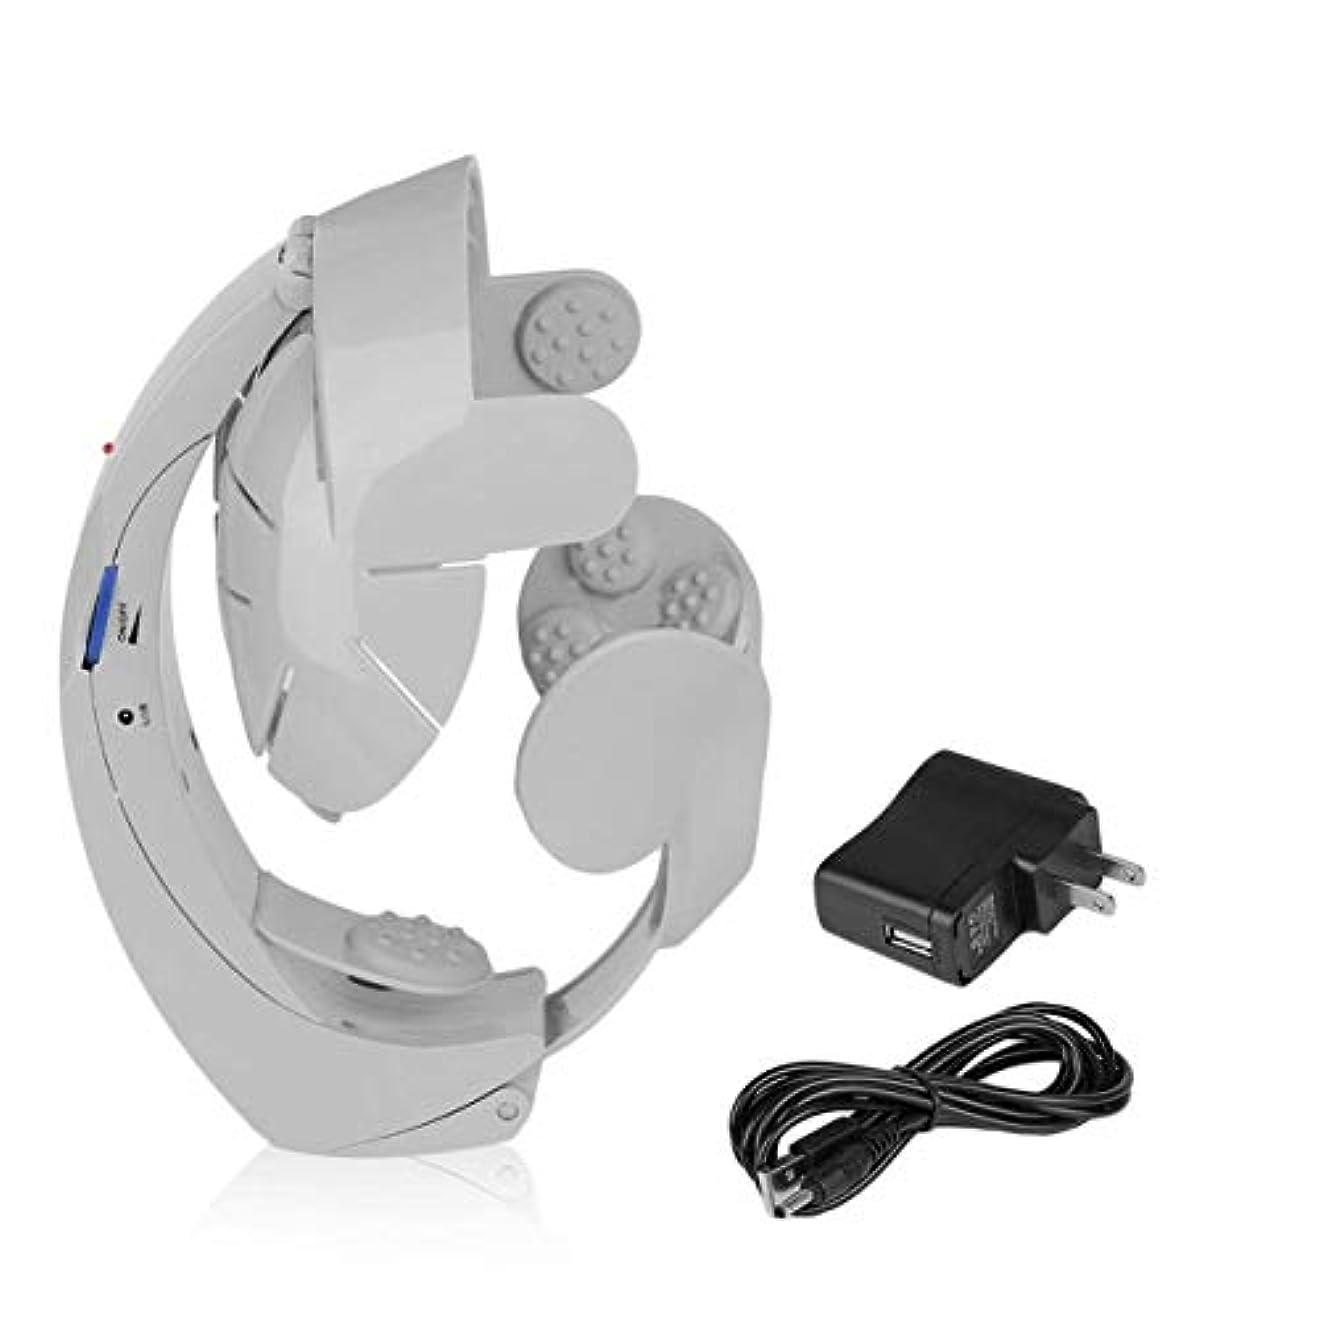 レンズ百科事典アシストヒューマノイドデザイン電動ヘッドマッサージ脳のマッサージリラックス簡単な鍼治療ファッションスタイルヘルスケアサプライ